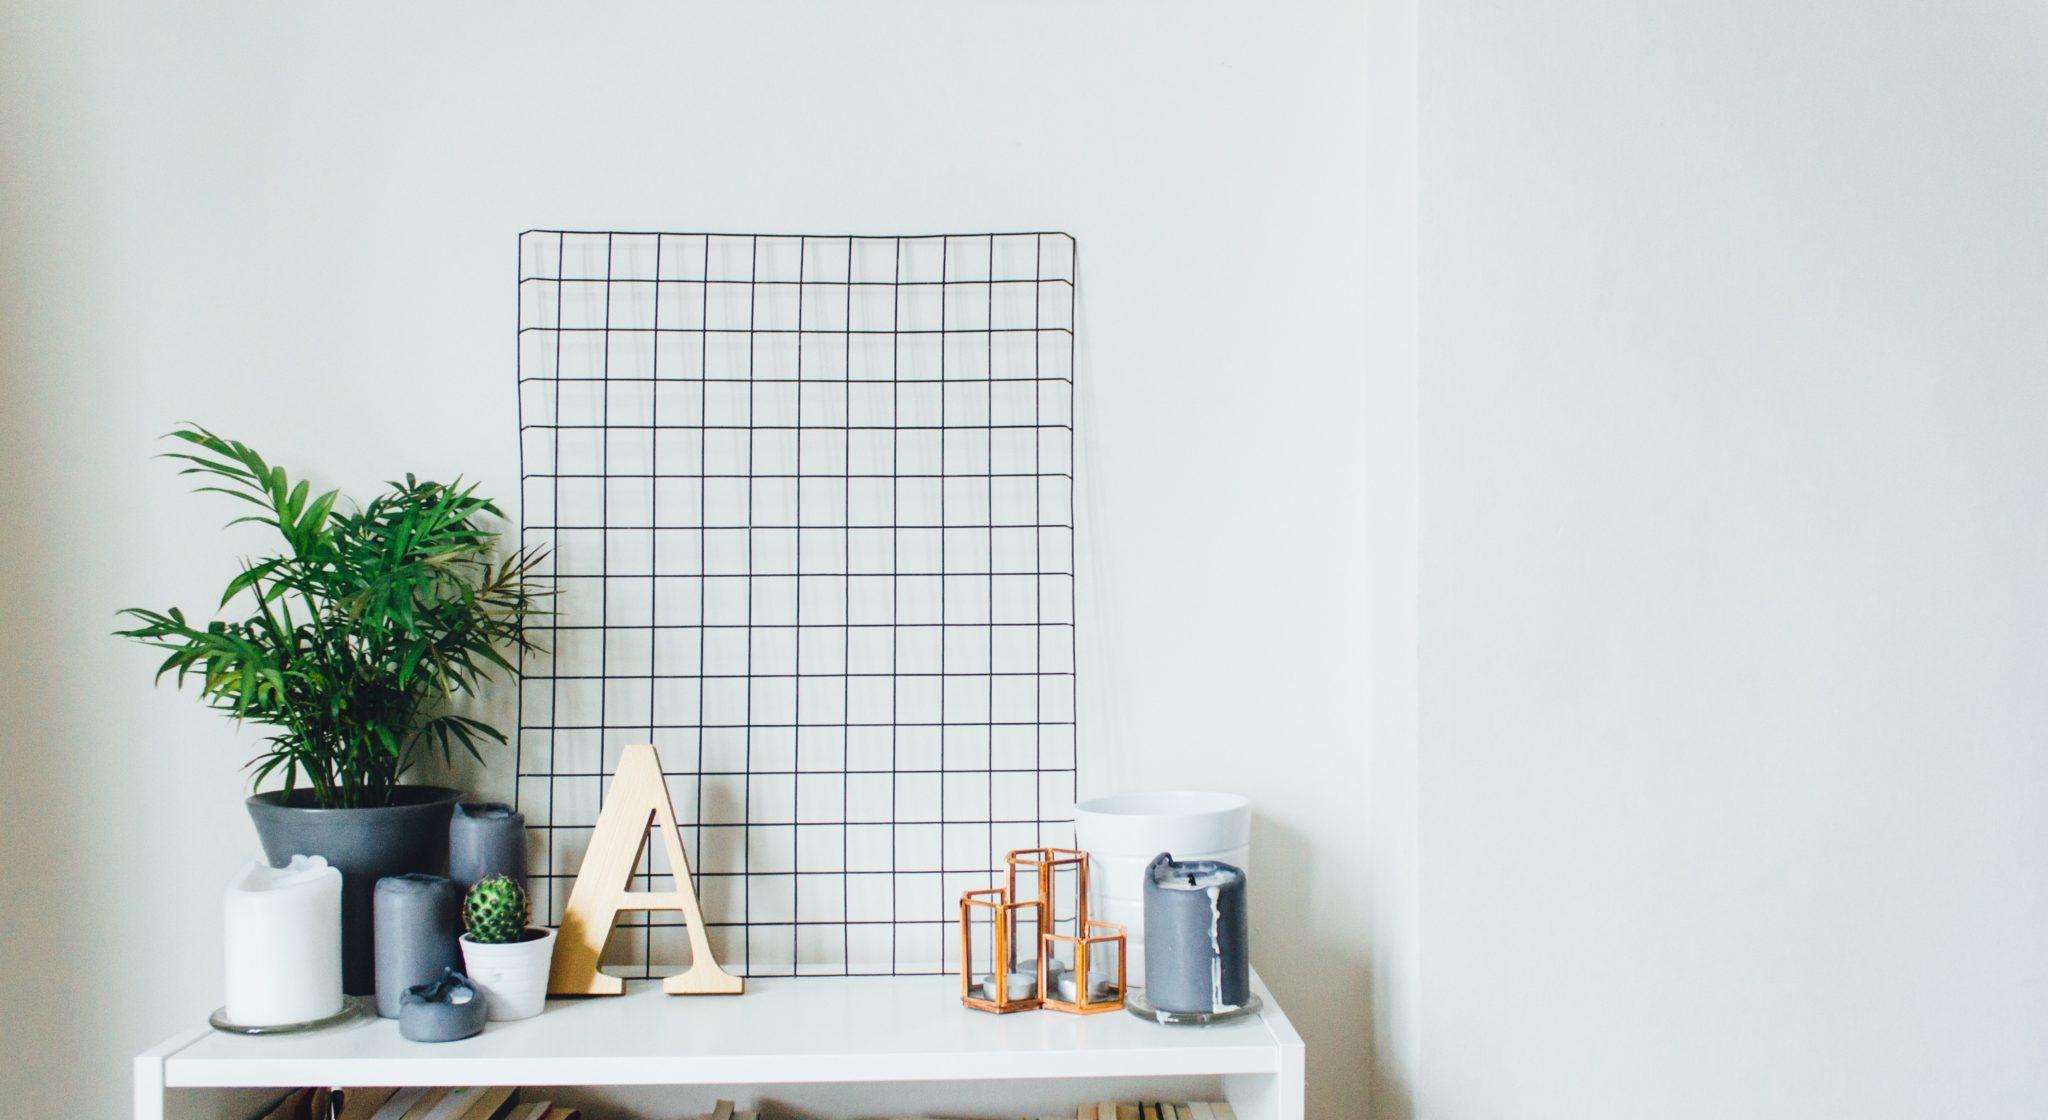 Kalendare s magnety, zalozky a jine zajimave kalendare